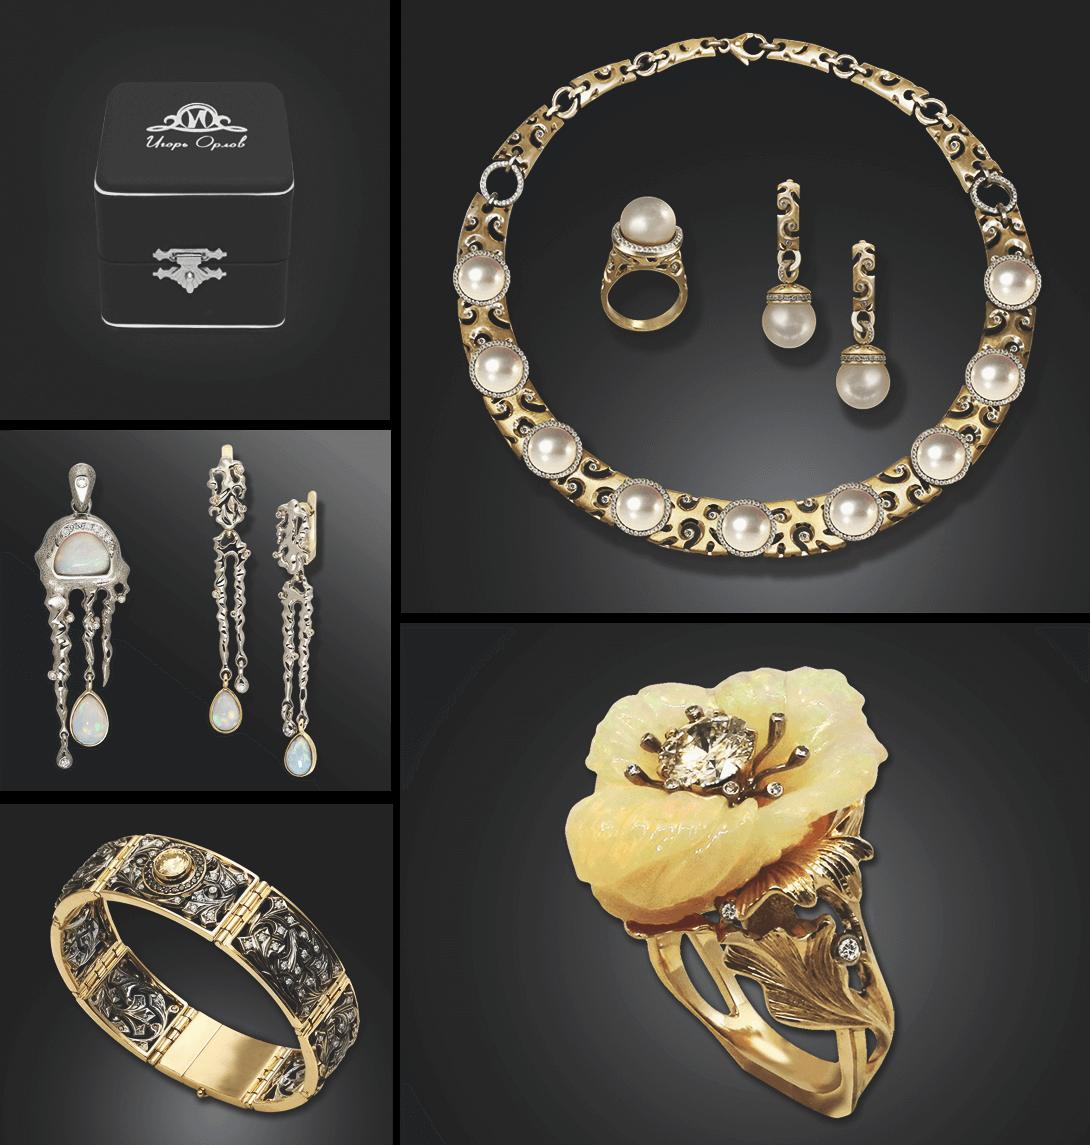 36349e124506 Так как Игорь Орлов изготавливает различные украшения (кольца, серьги,  браслеты, колье, кулоны, ...